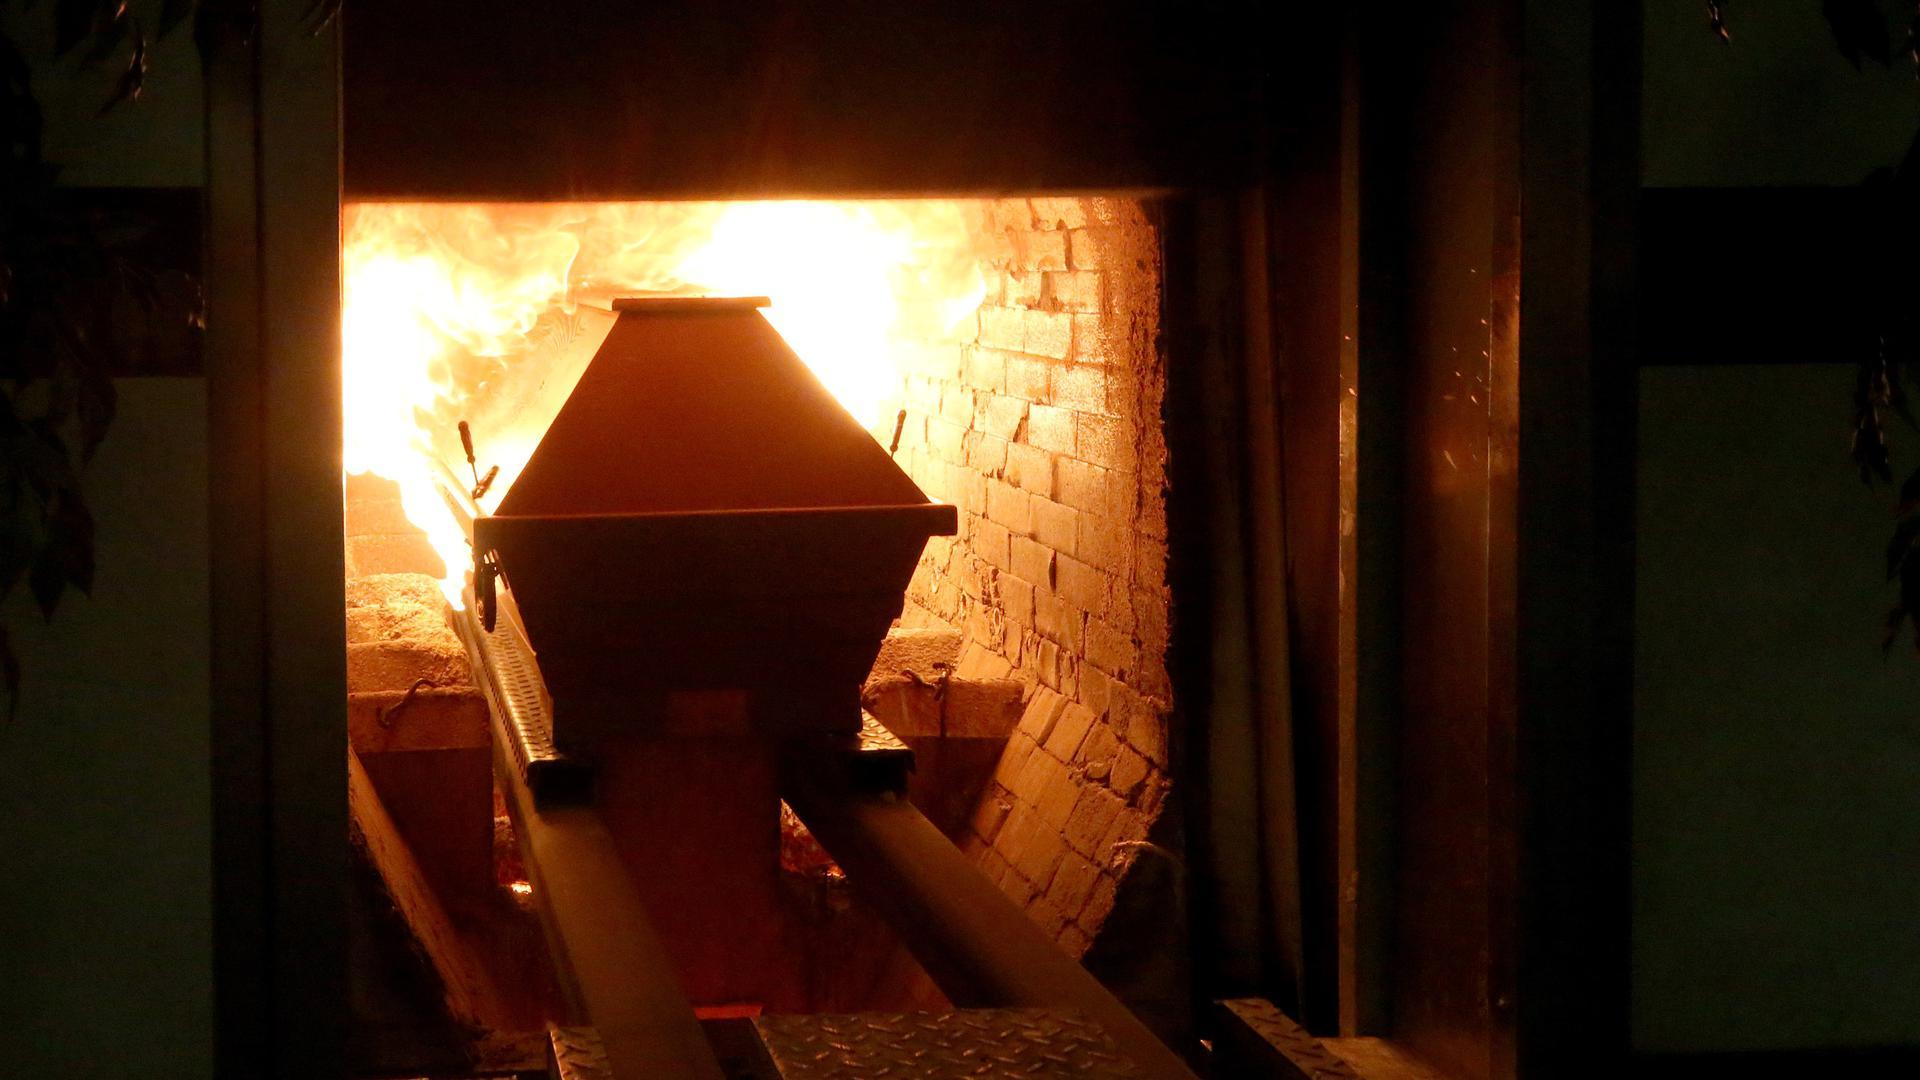 Ein Sarg wird in den rund 850 Grad heißen Krematoriumsofen gefahren.